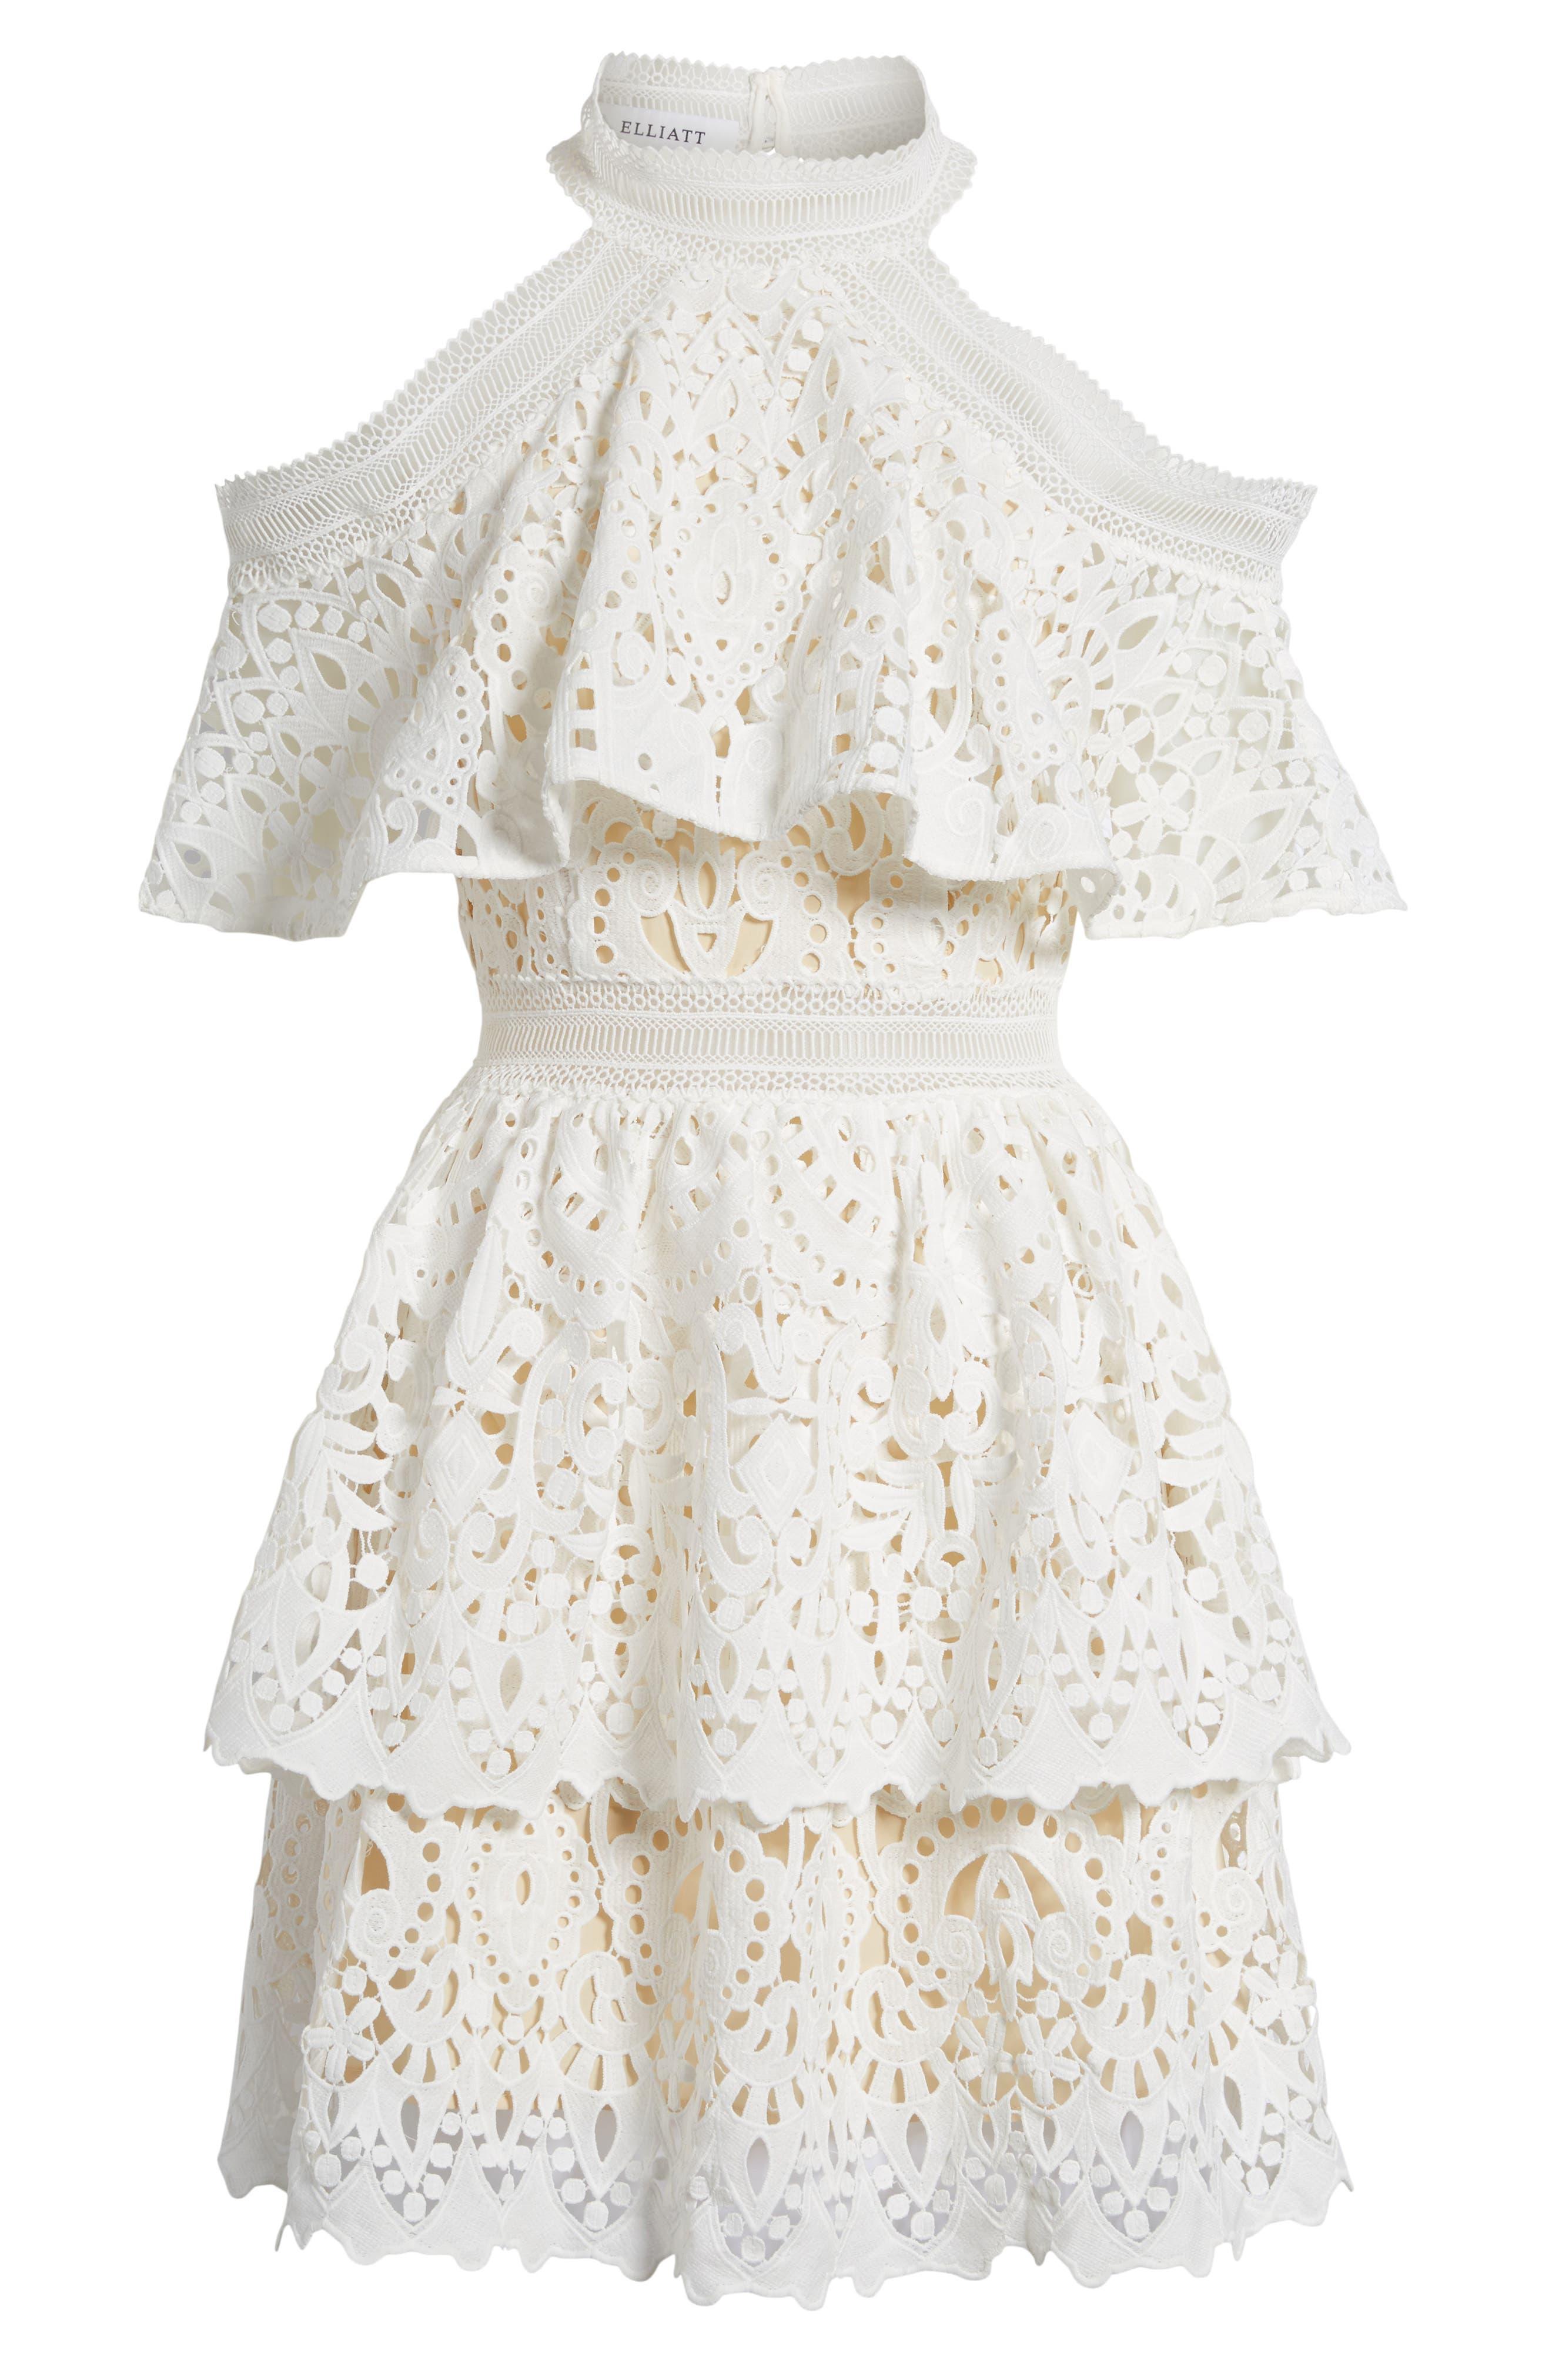 Saint Cloud Cold Shoulder Ruffle Dress,                             Alternate thumbnail 6, color,                             White